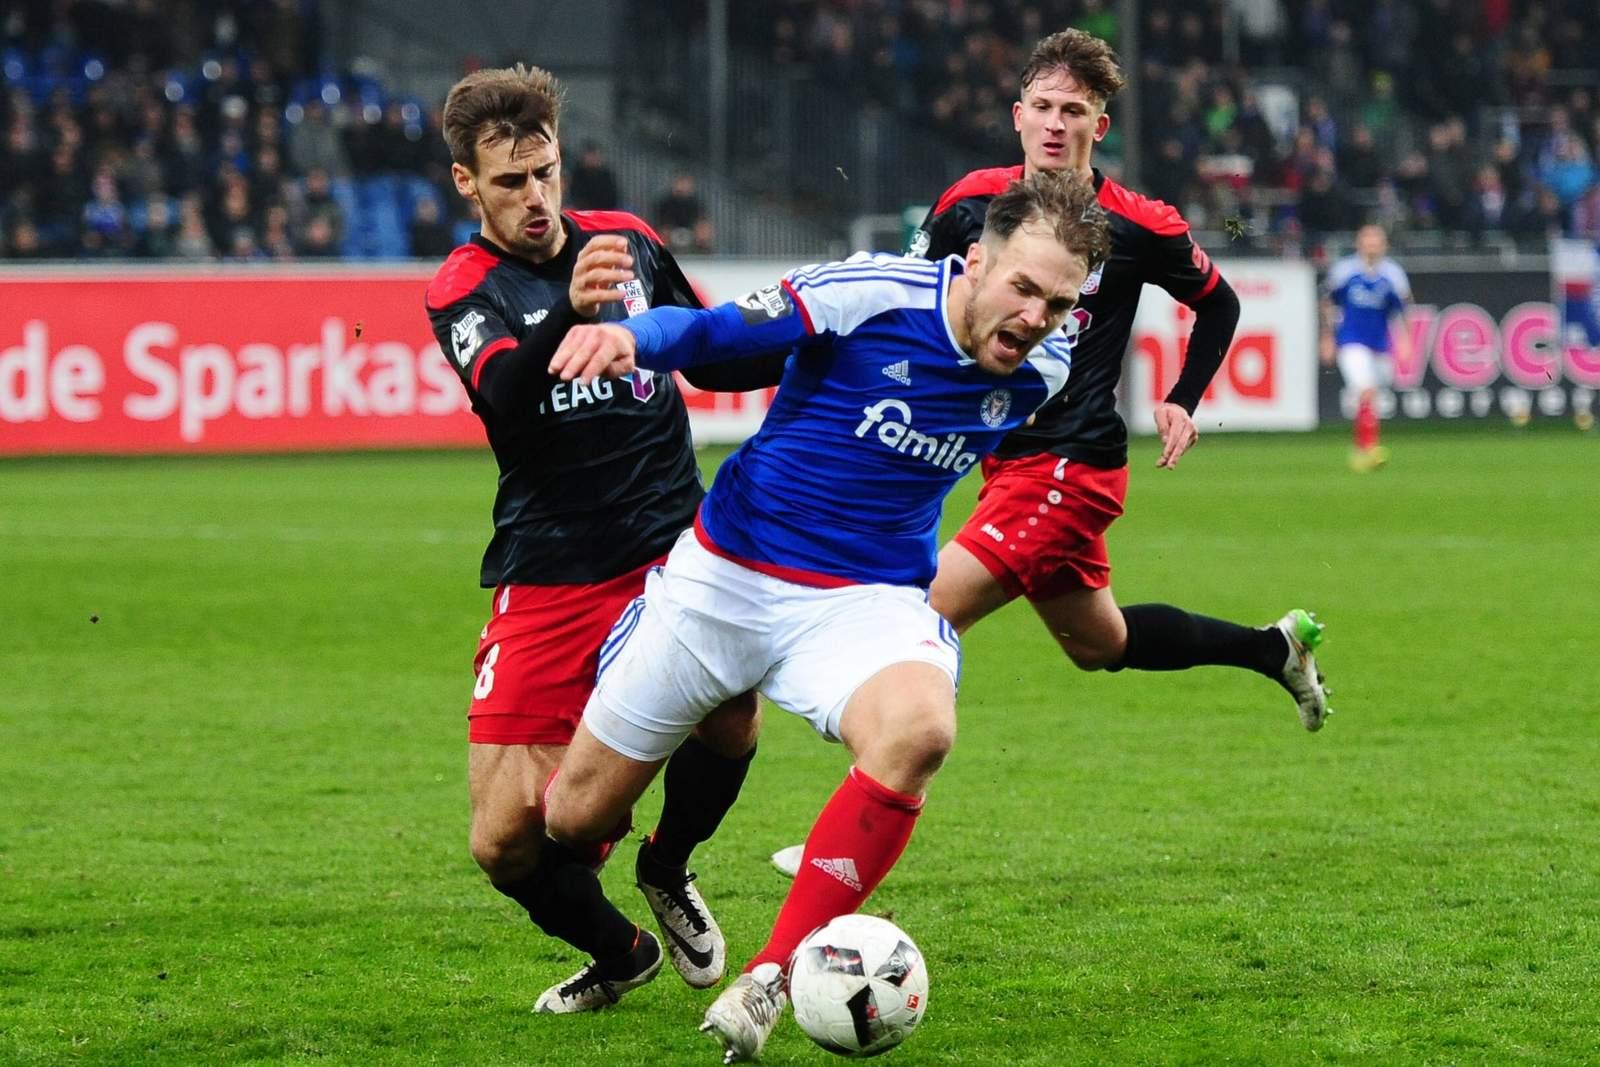 Wieder verletzt: RWE-Mittelfeldspieler Liridon Vocaj (l.)